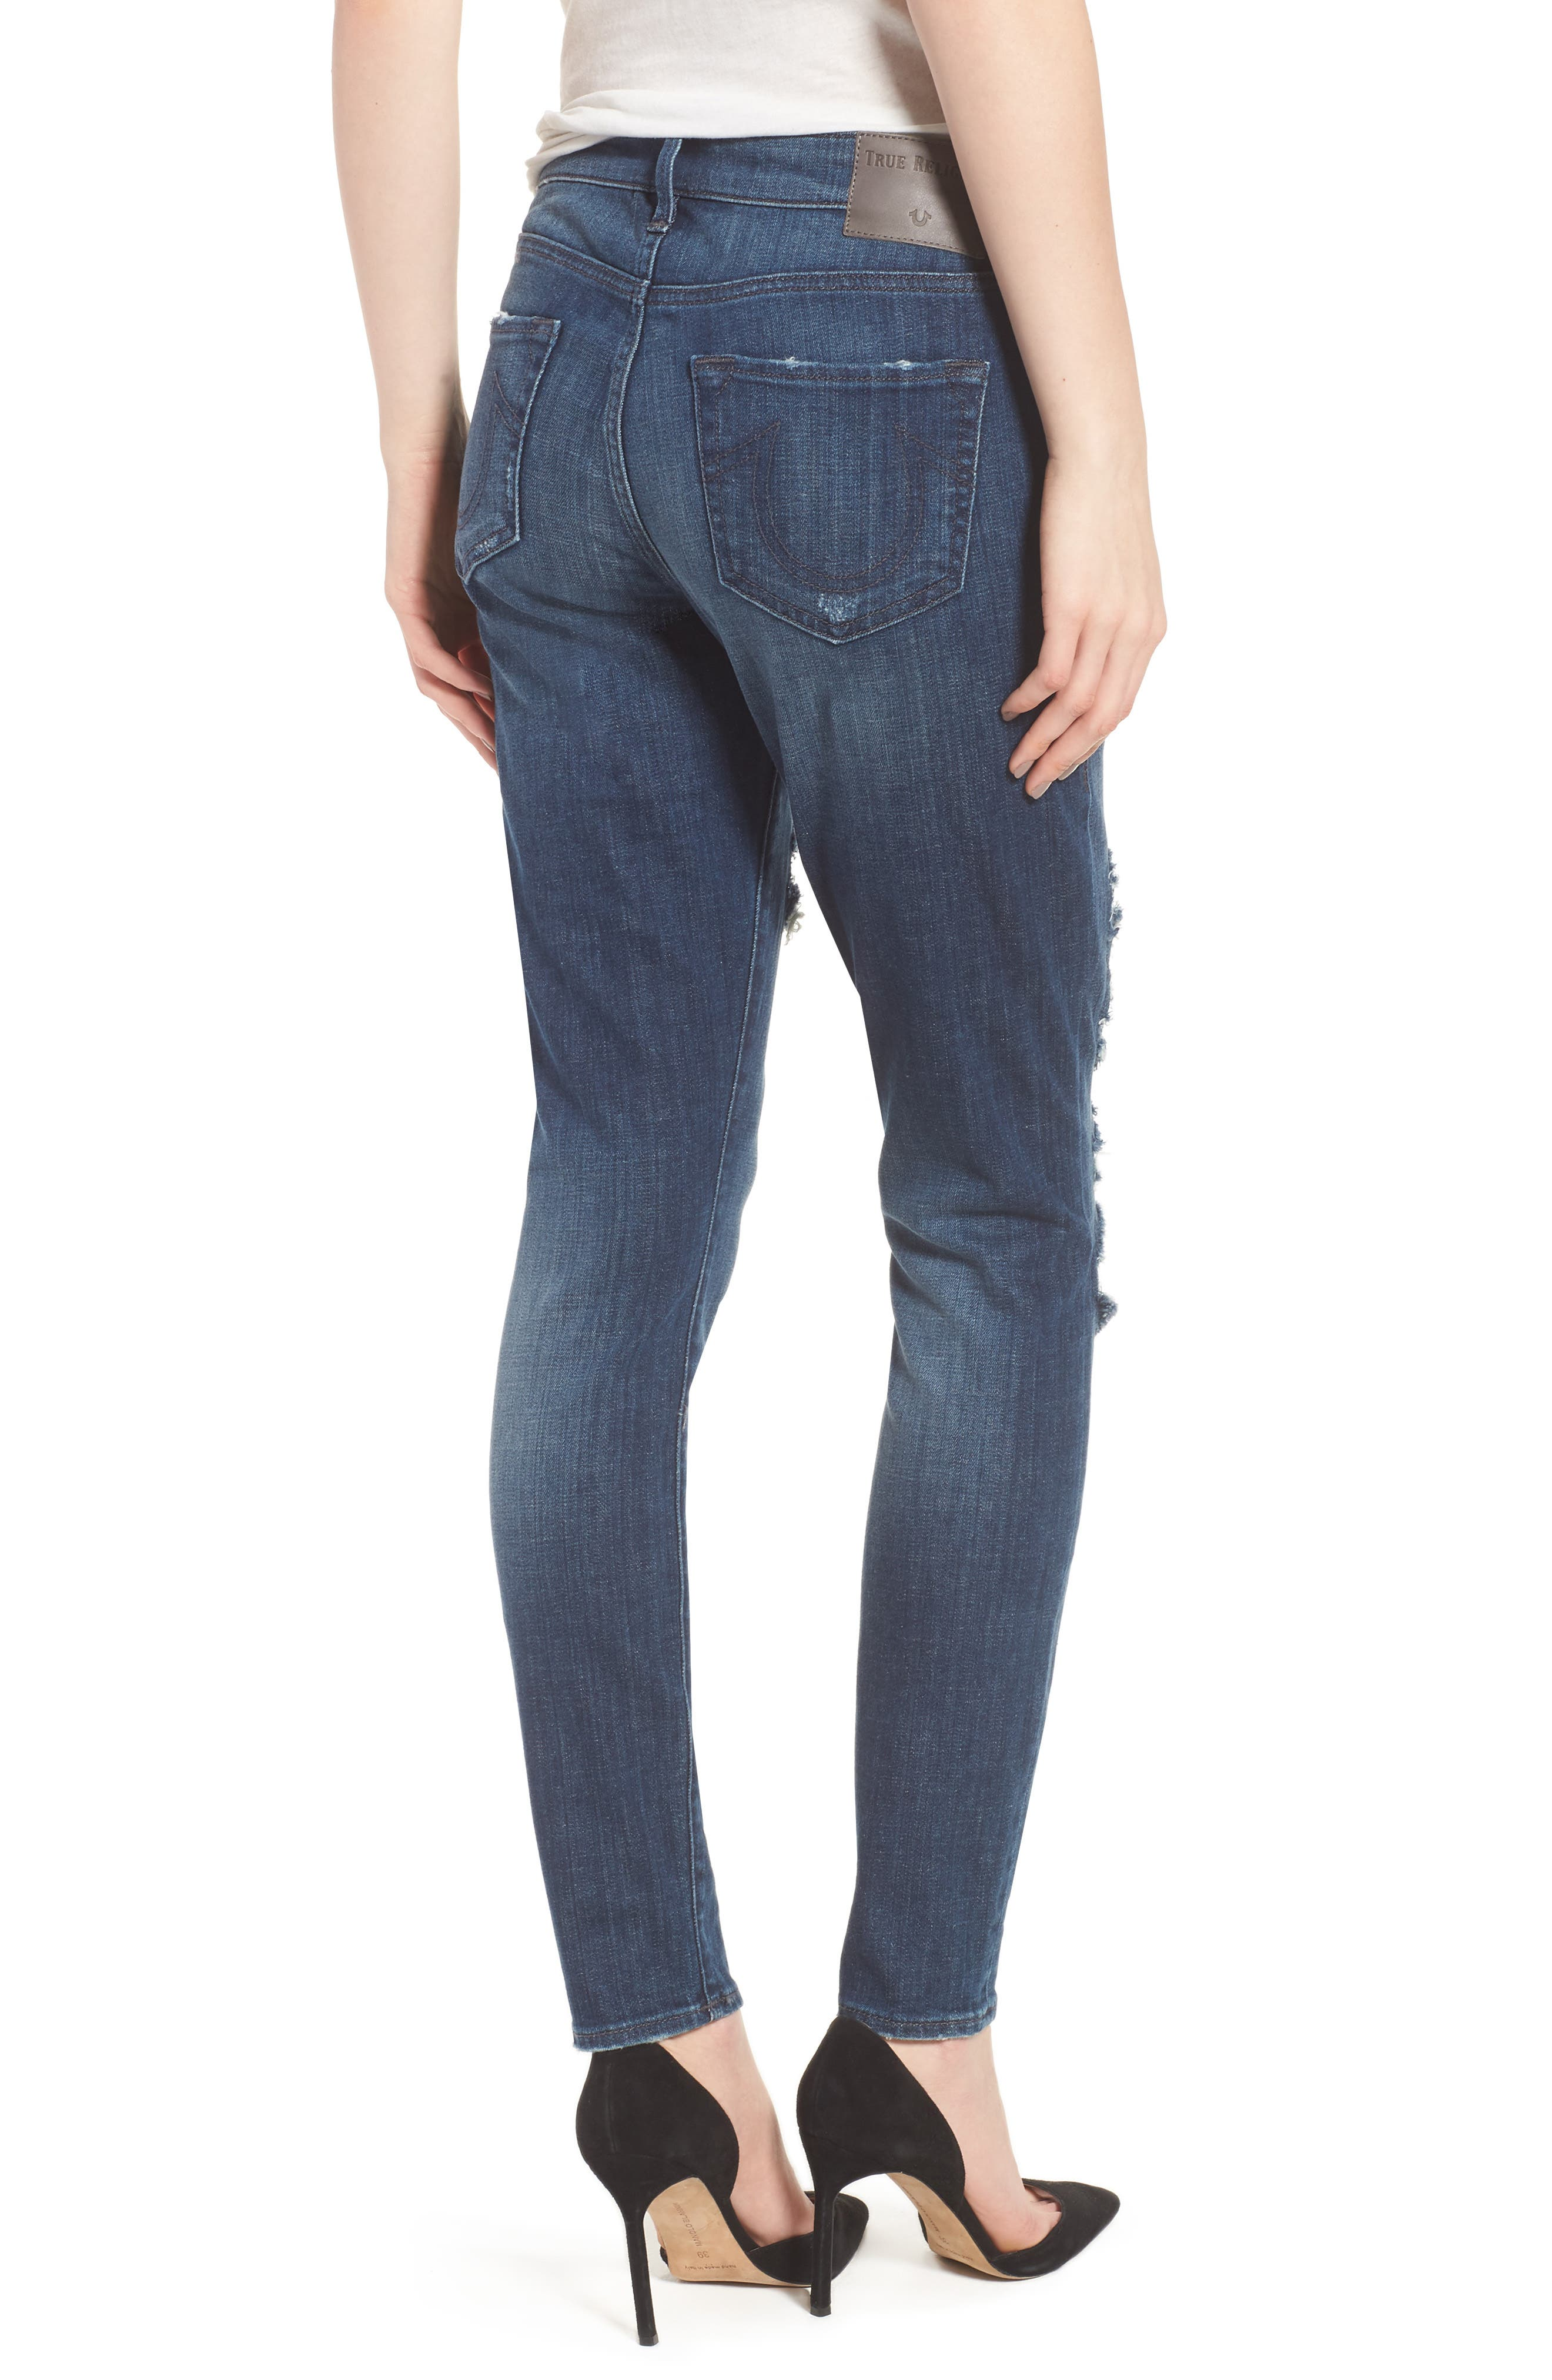 Halle Fishnet Skinny Jeans,                             Alternate thumbnail 2, color,                             Ebrd Cobalt Crush